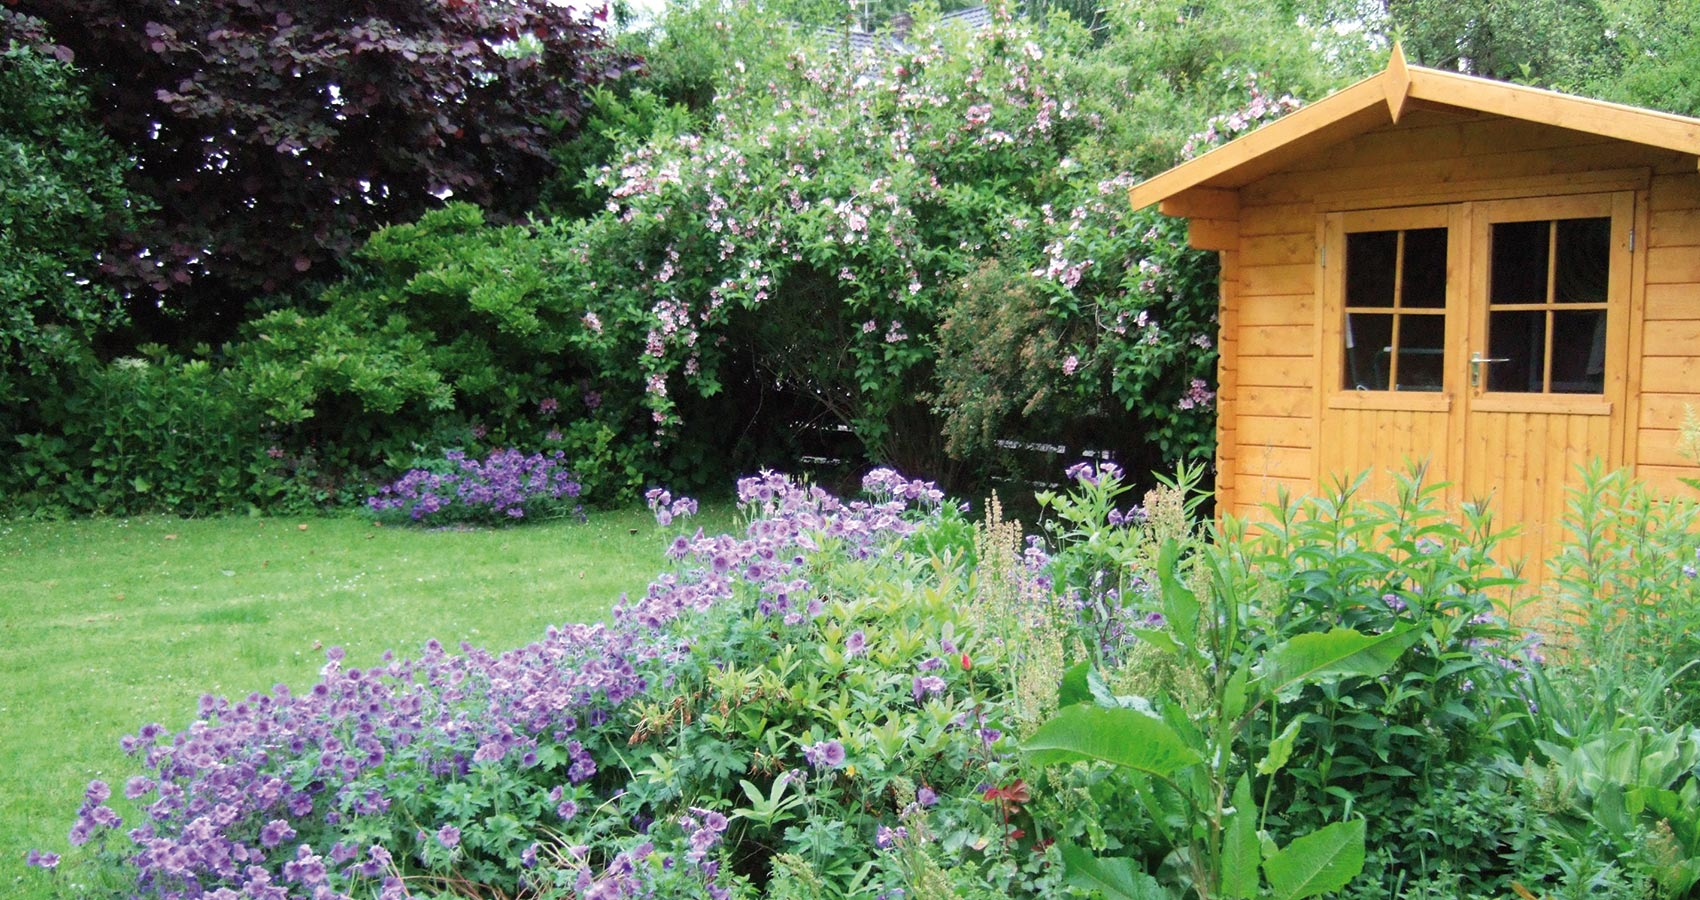 Sur Quoi Poser Un Abri De Jardin 10 questions à se poser avant d'installer son abri de jardin